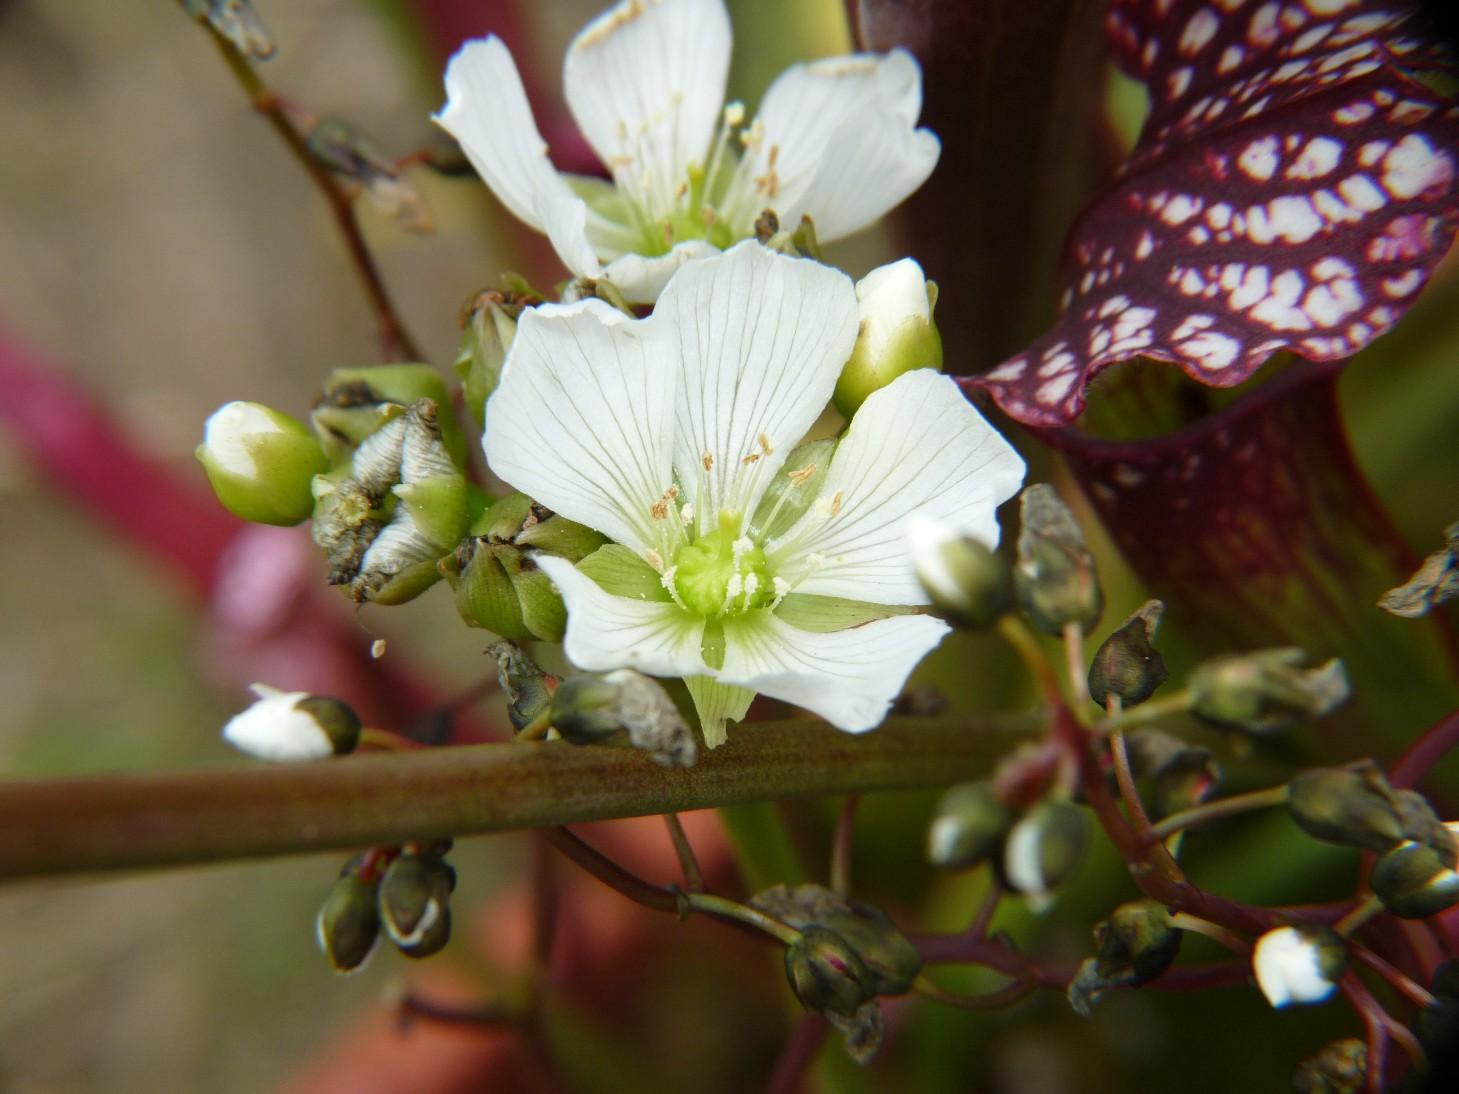 Donica na działce 2017 - kwiaty muchołówki i drosera binata